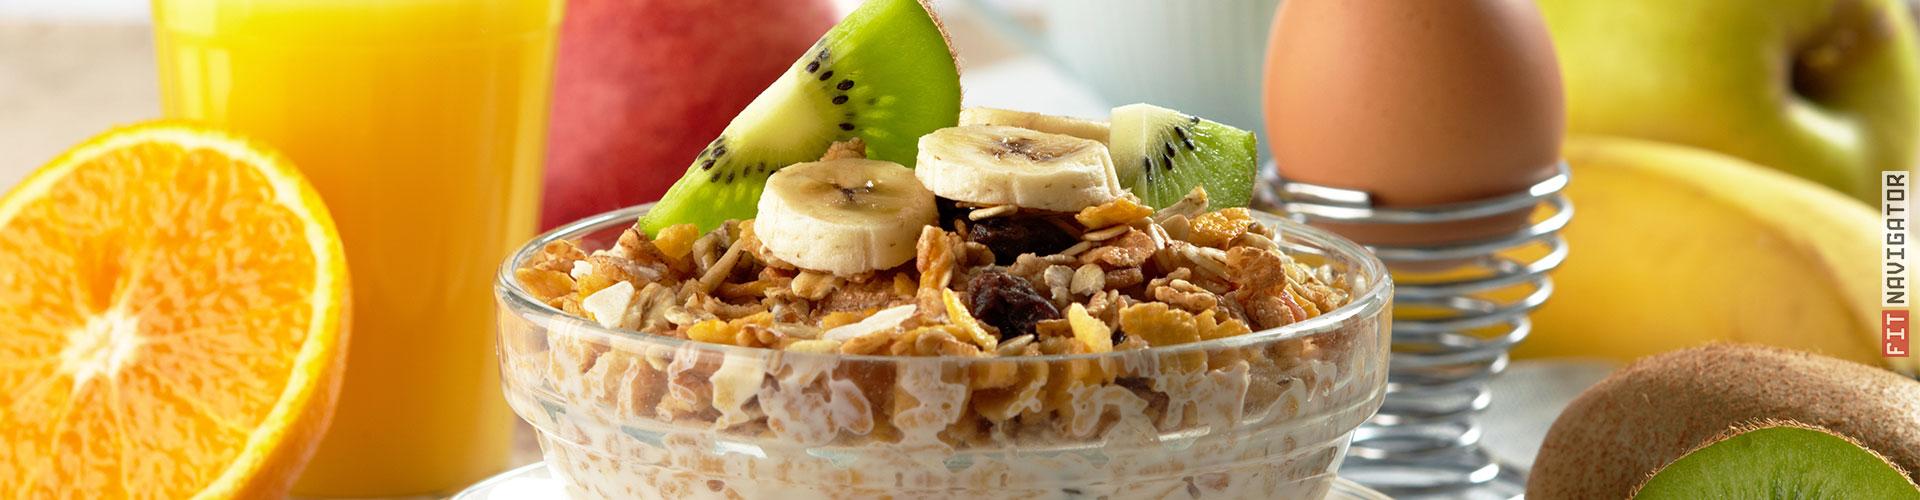 Гайд по правильному питанию для здоровья и снижения веса, варианты меню